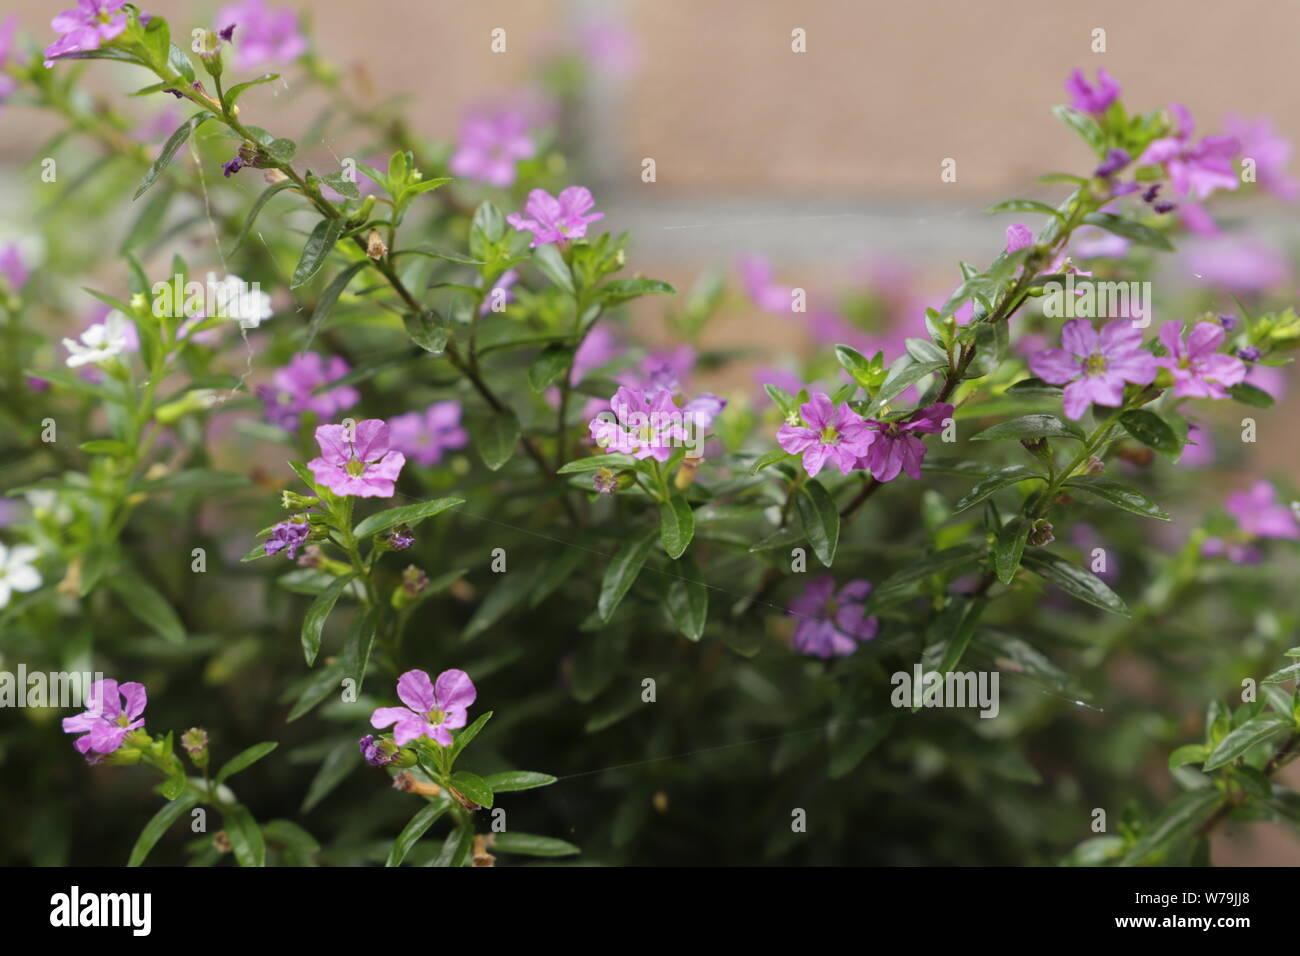 Ha Fiori Bianchi E Rosa.Hyssopifolia Immagini Hyssopifolia Fotos Stock Alamy